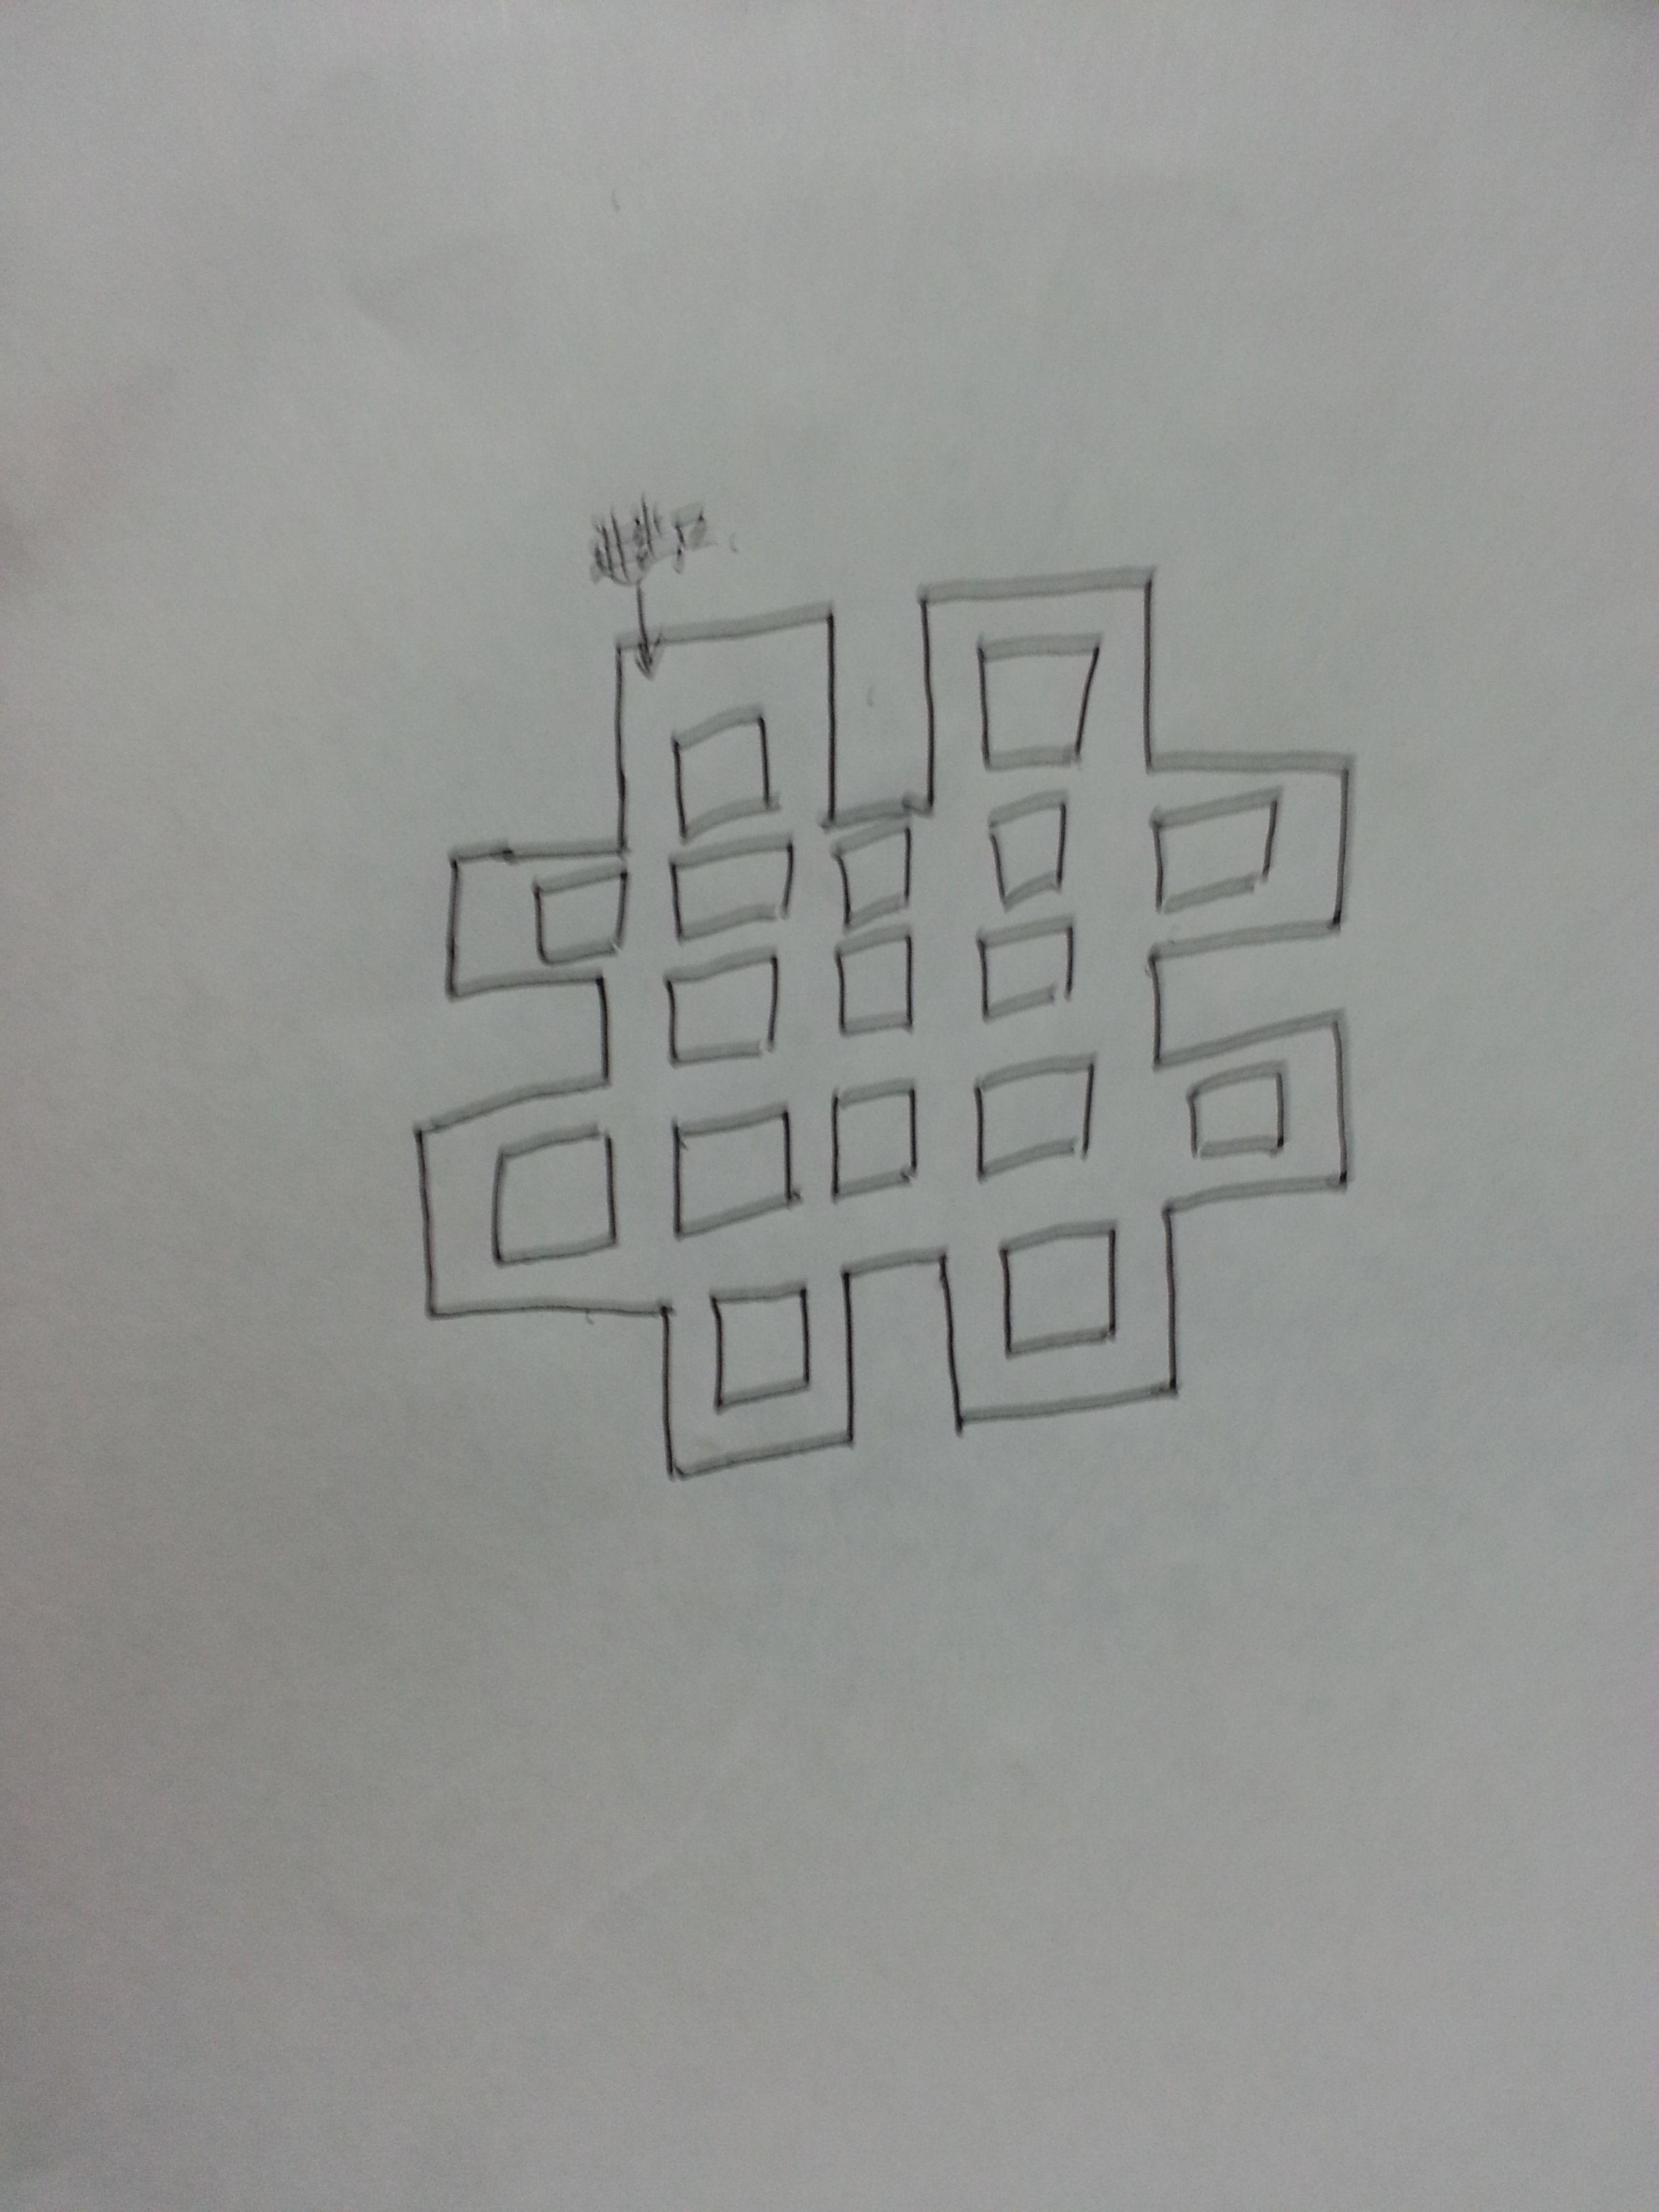 小学三年级奥数题,走迷宫,一笔画完全图,且不允许重复图片